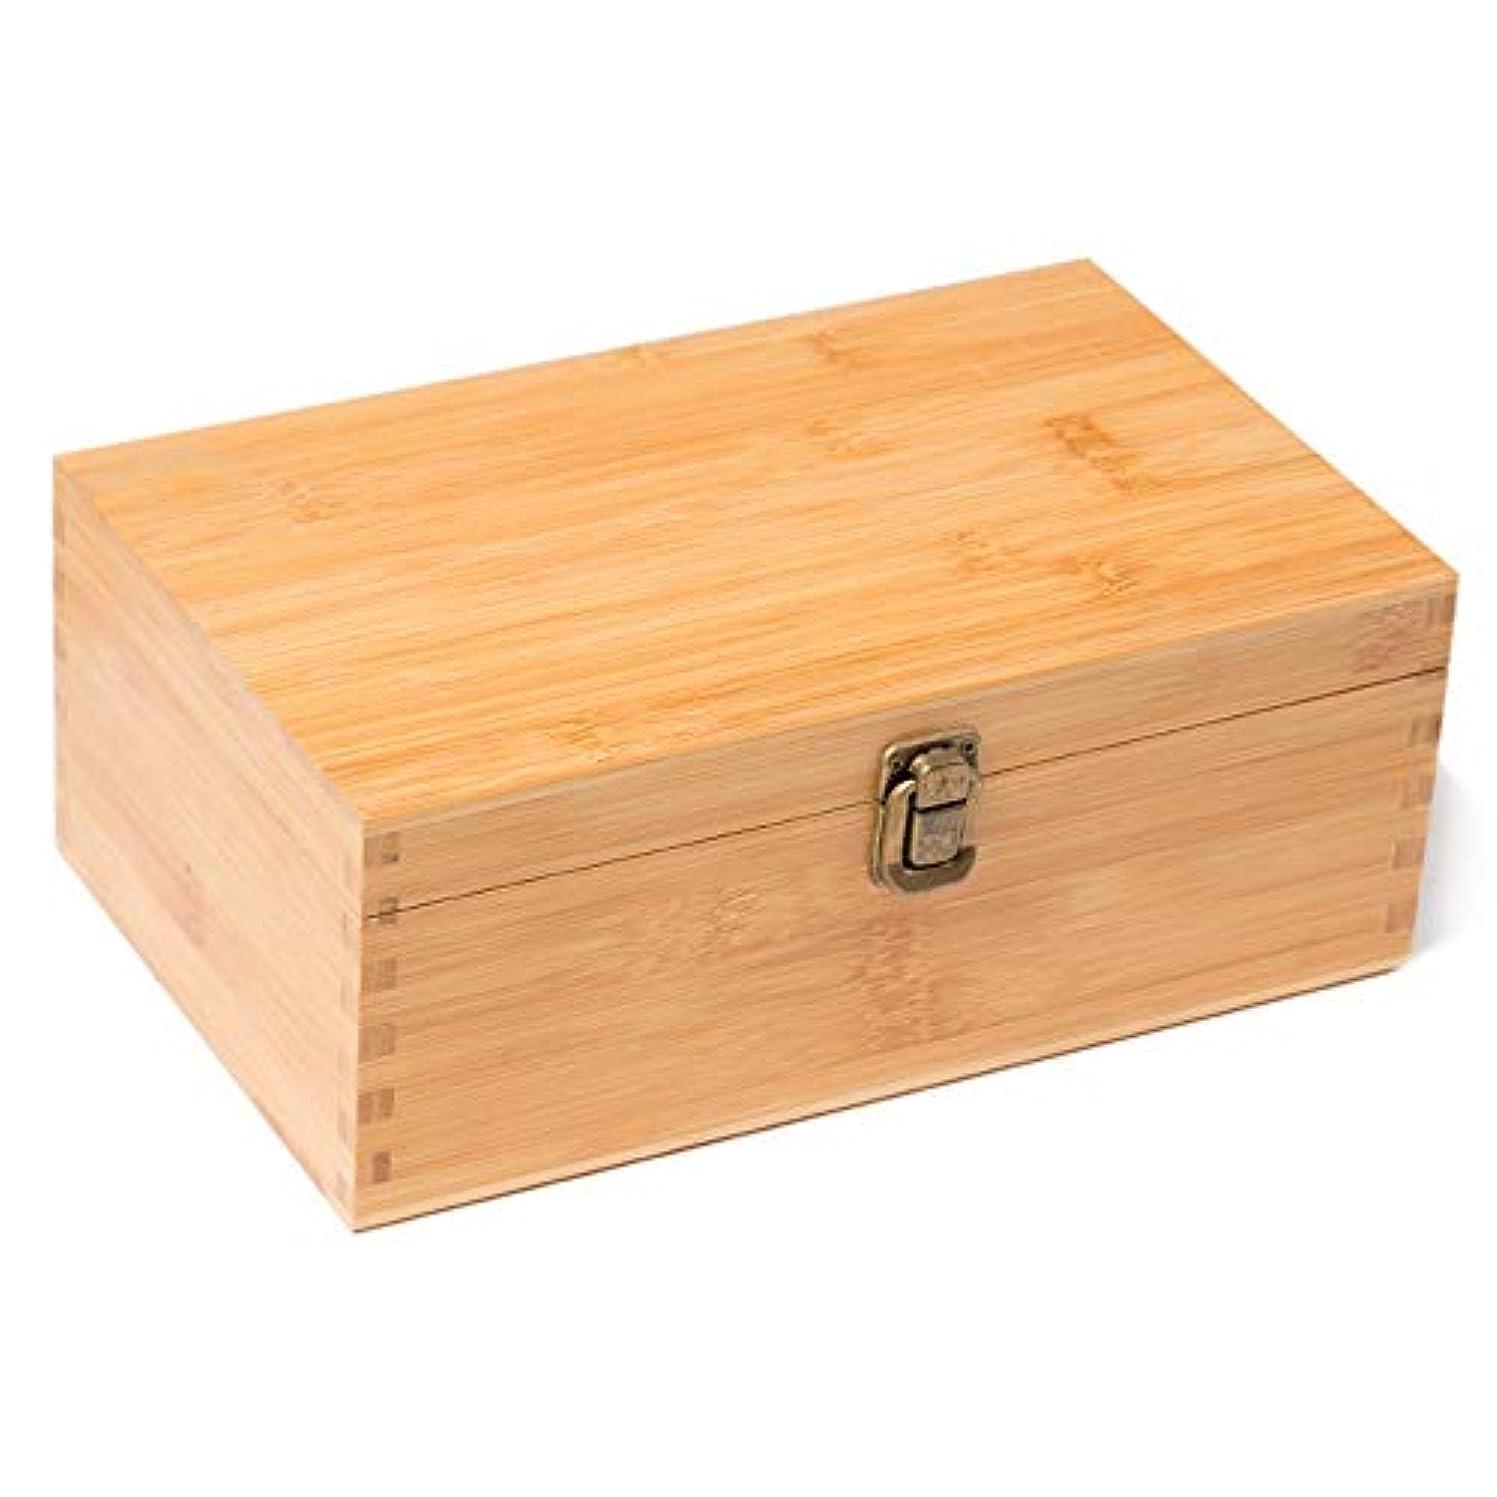 振る舞うグリット食い違い手作りの木製エッセンシャルオイルストレージボックスオーガナイザーは、油のボトルを保持します アロマセラピー製品 (色 : Natural, サイズ : 26.5X16.5X10.5CM)